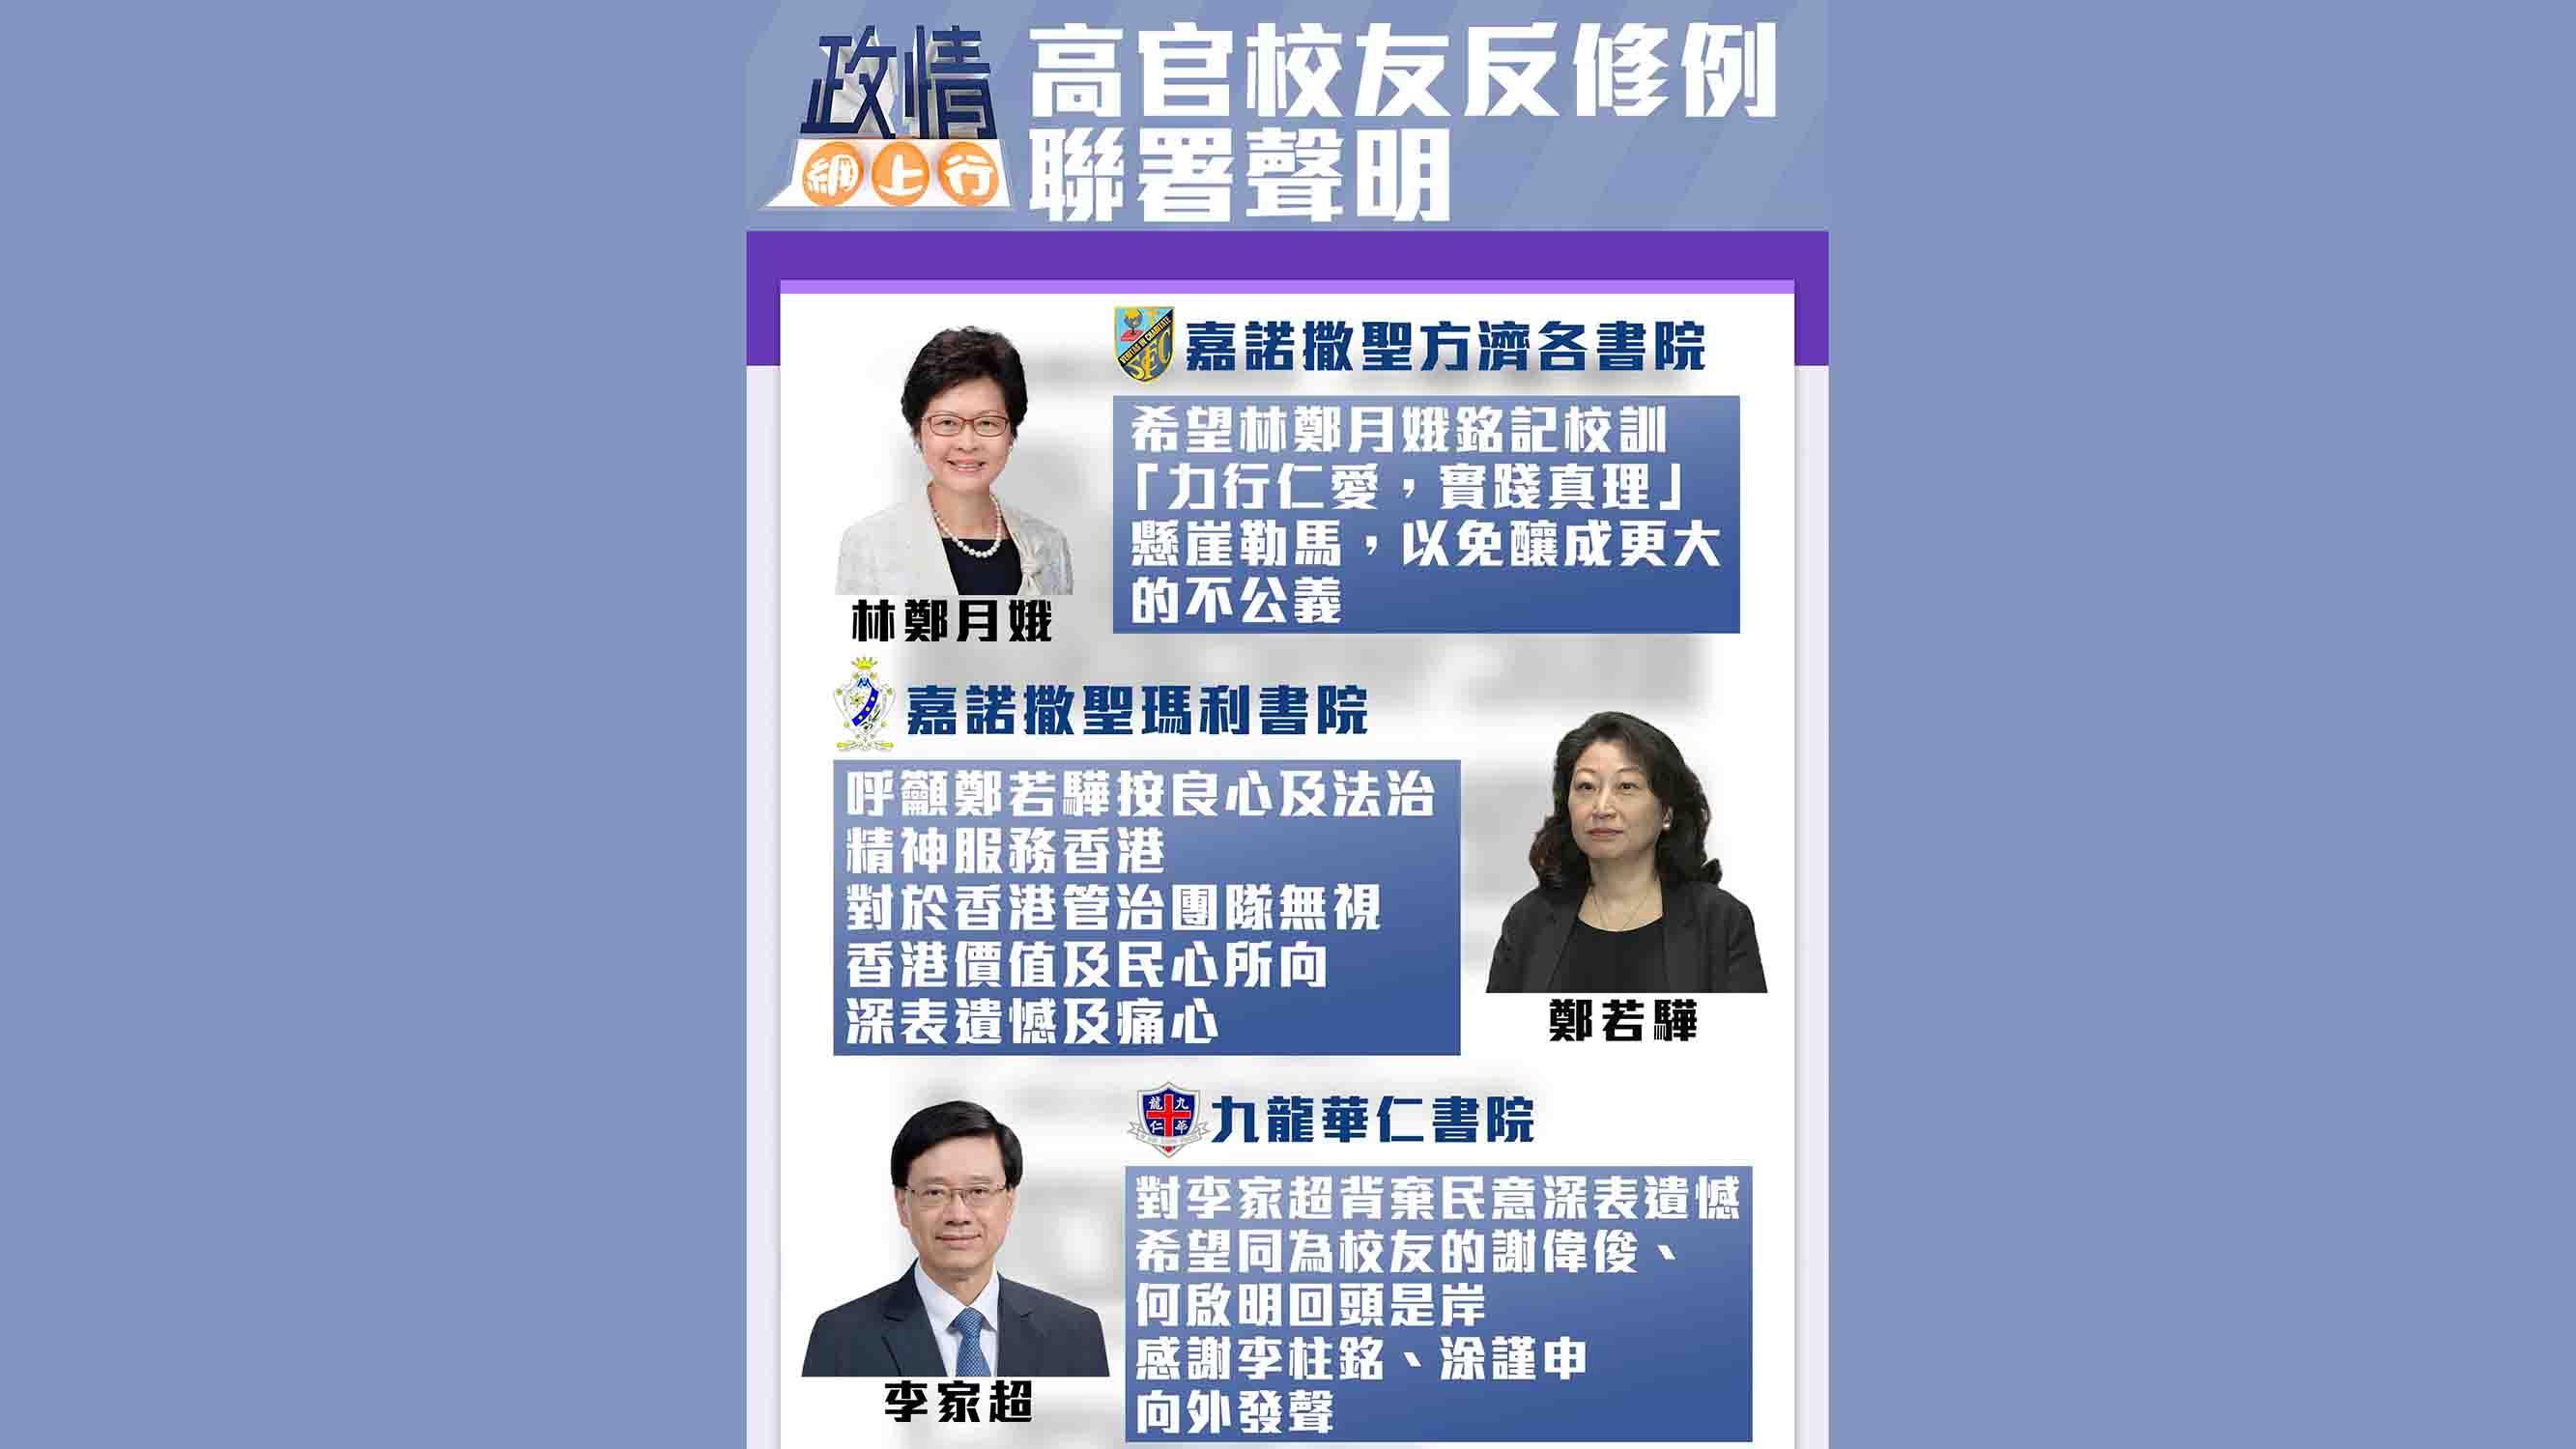 【政情網上行】高官校友反修例聯署聲明